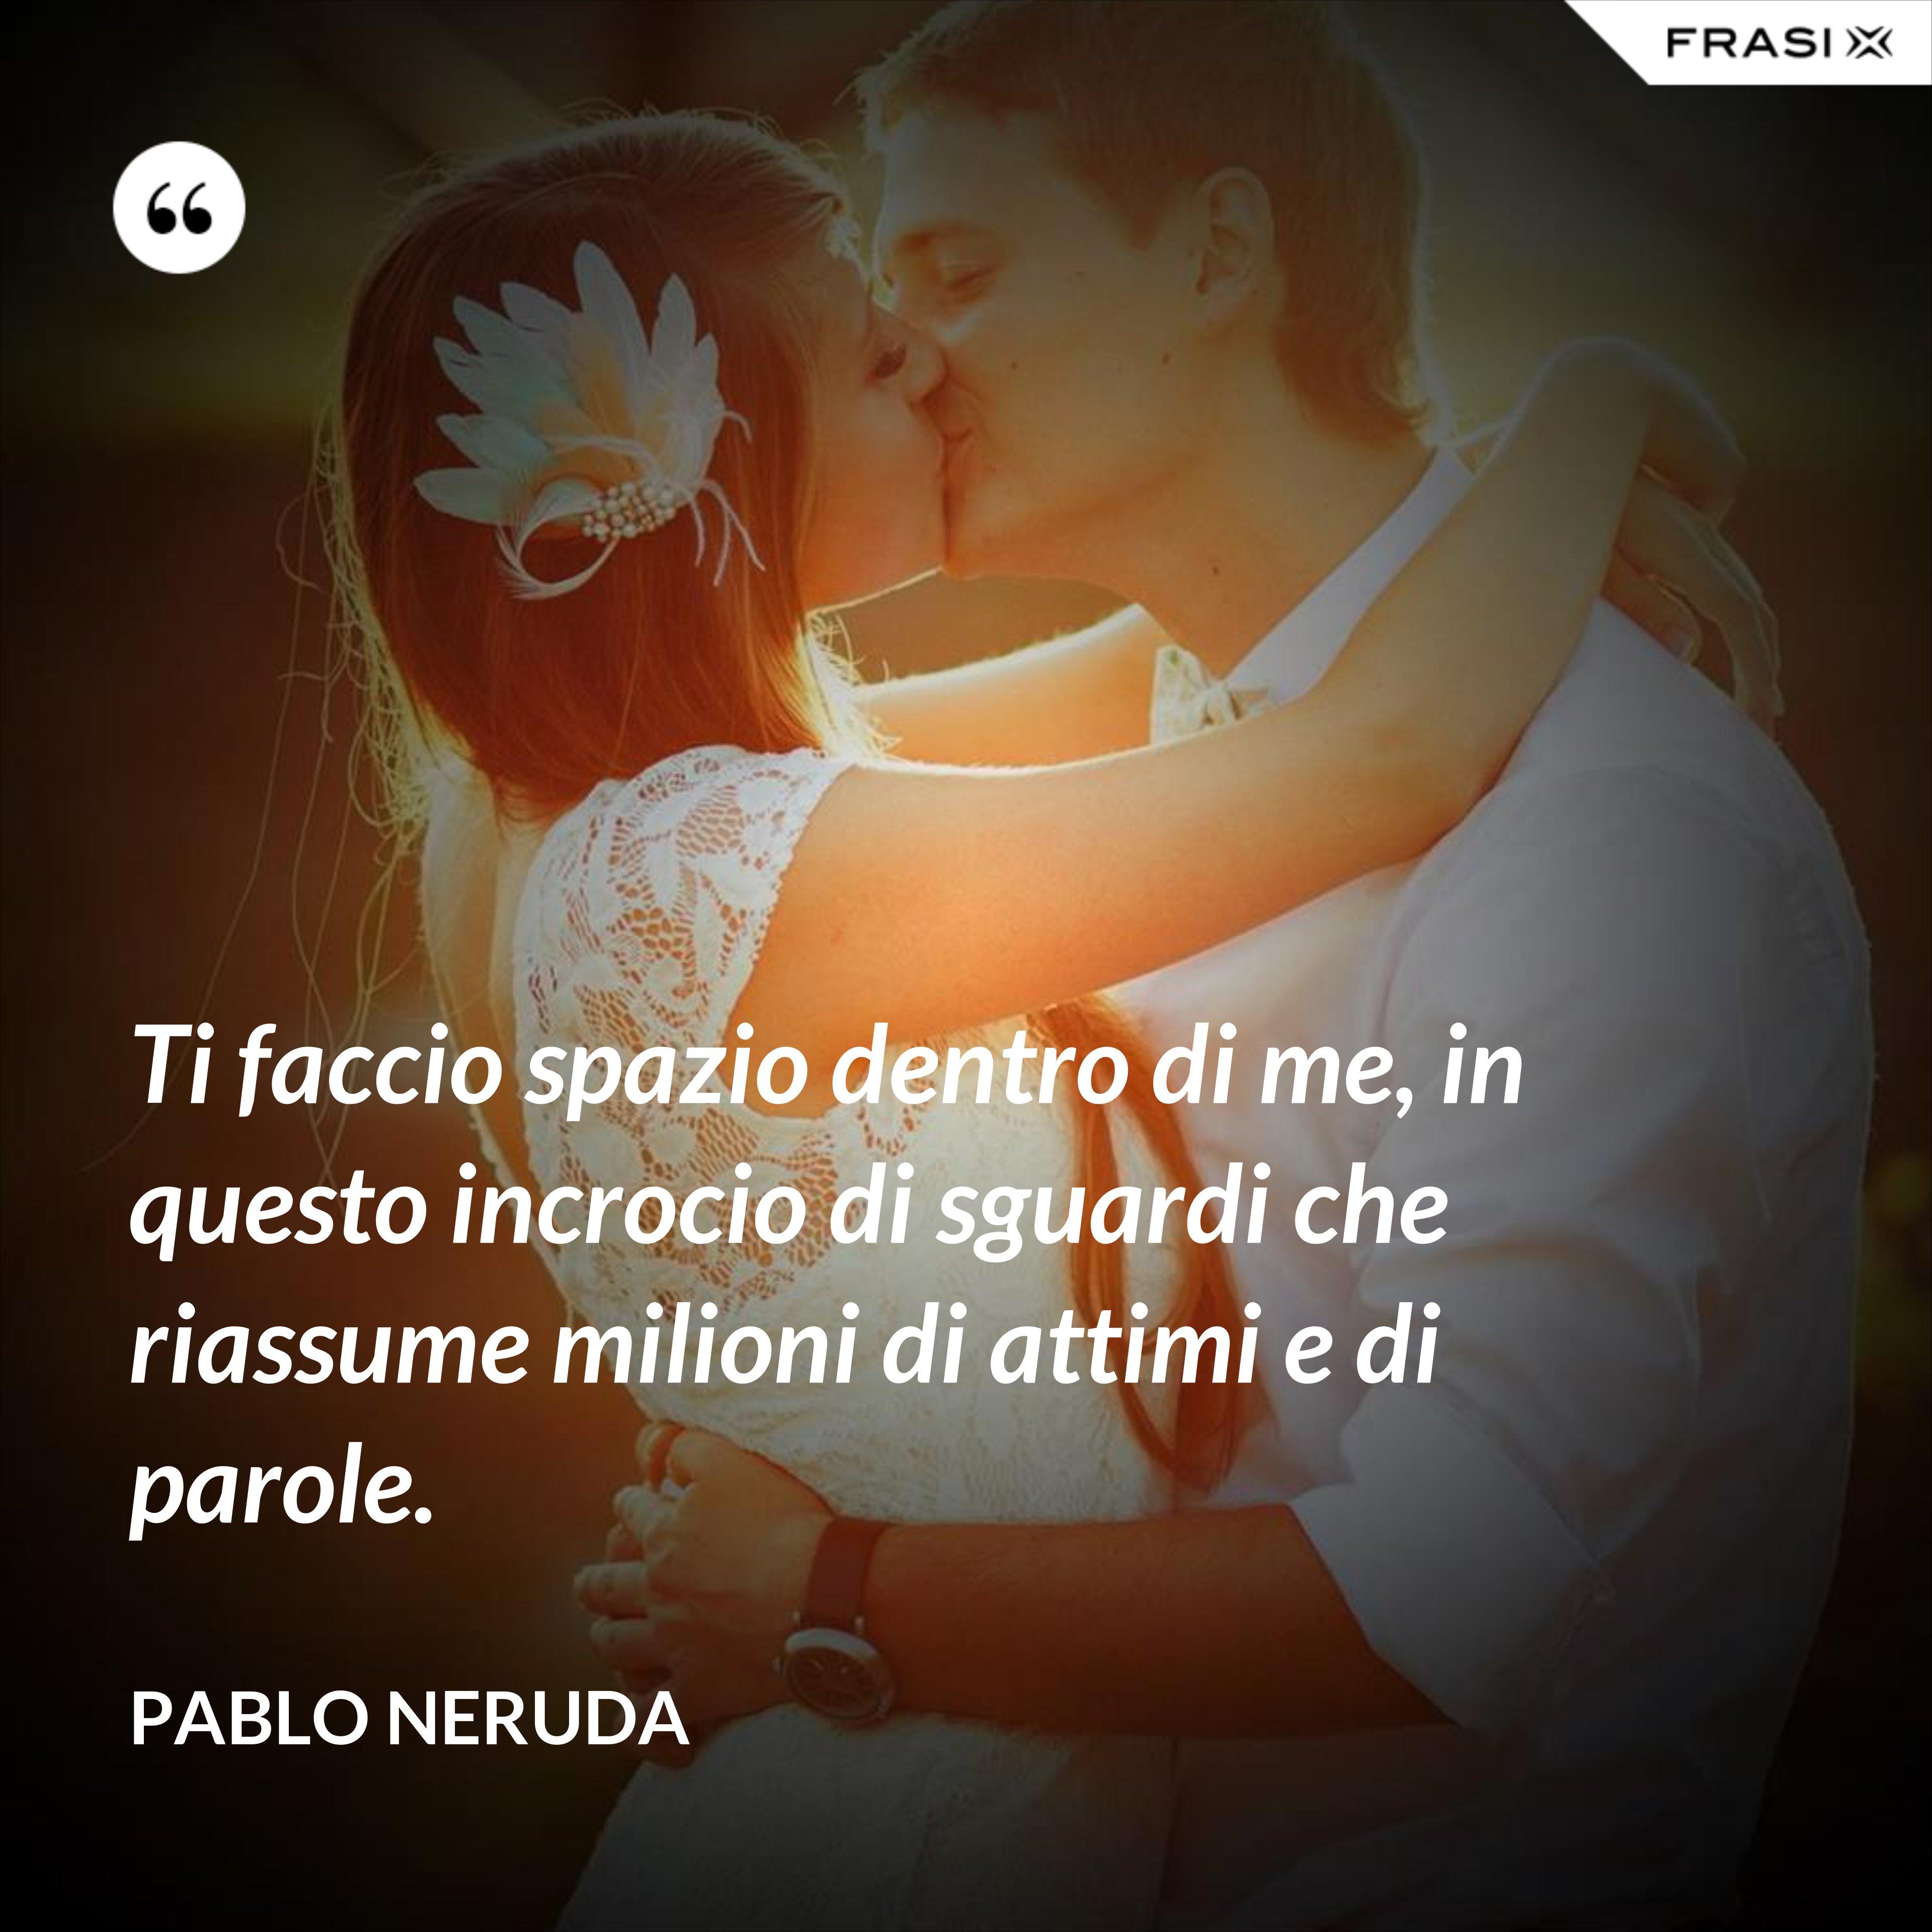 Ti faccio spazio dentro di me, in questo incrocio di sguardi che riassume milioni di attimi e di parole. - Pablo Neruda